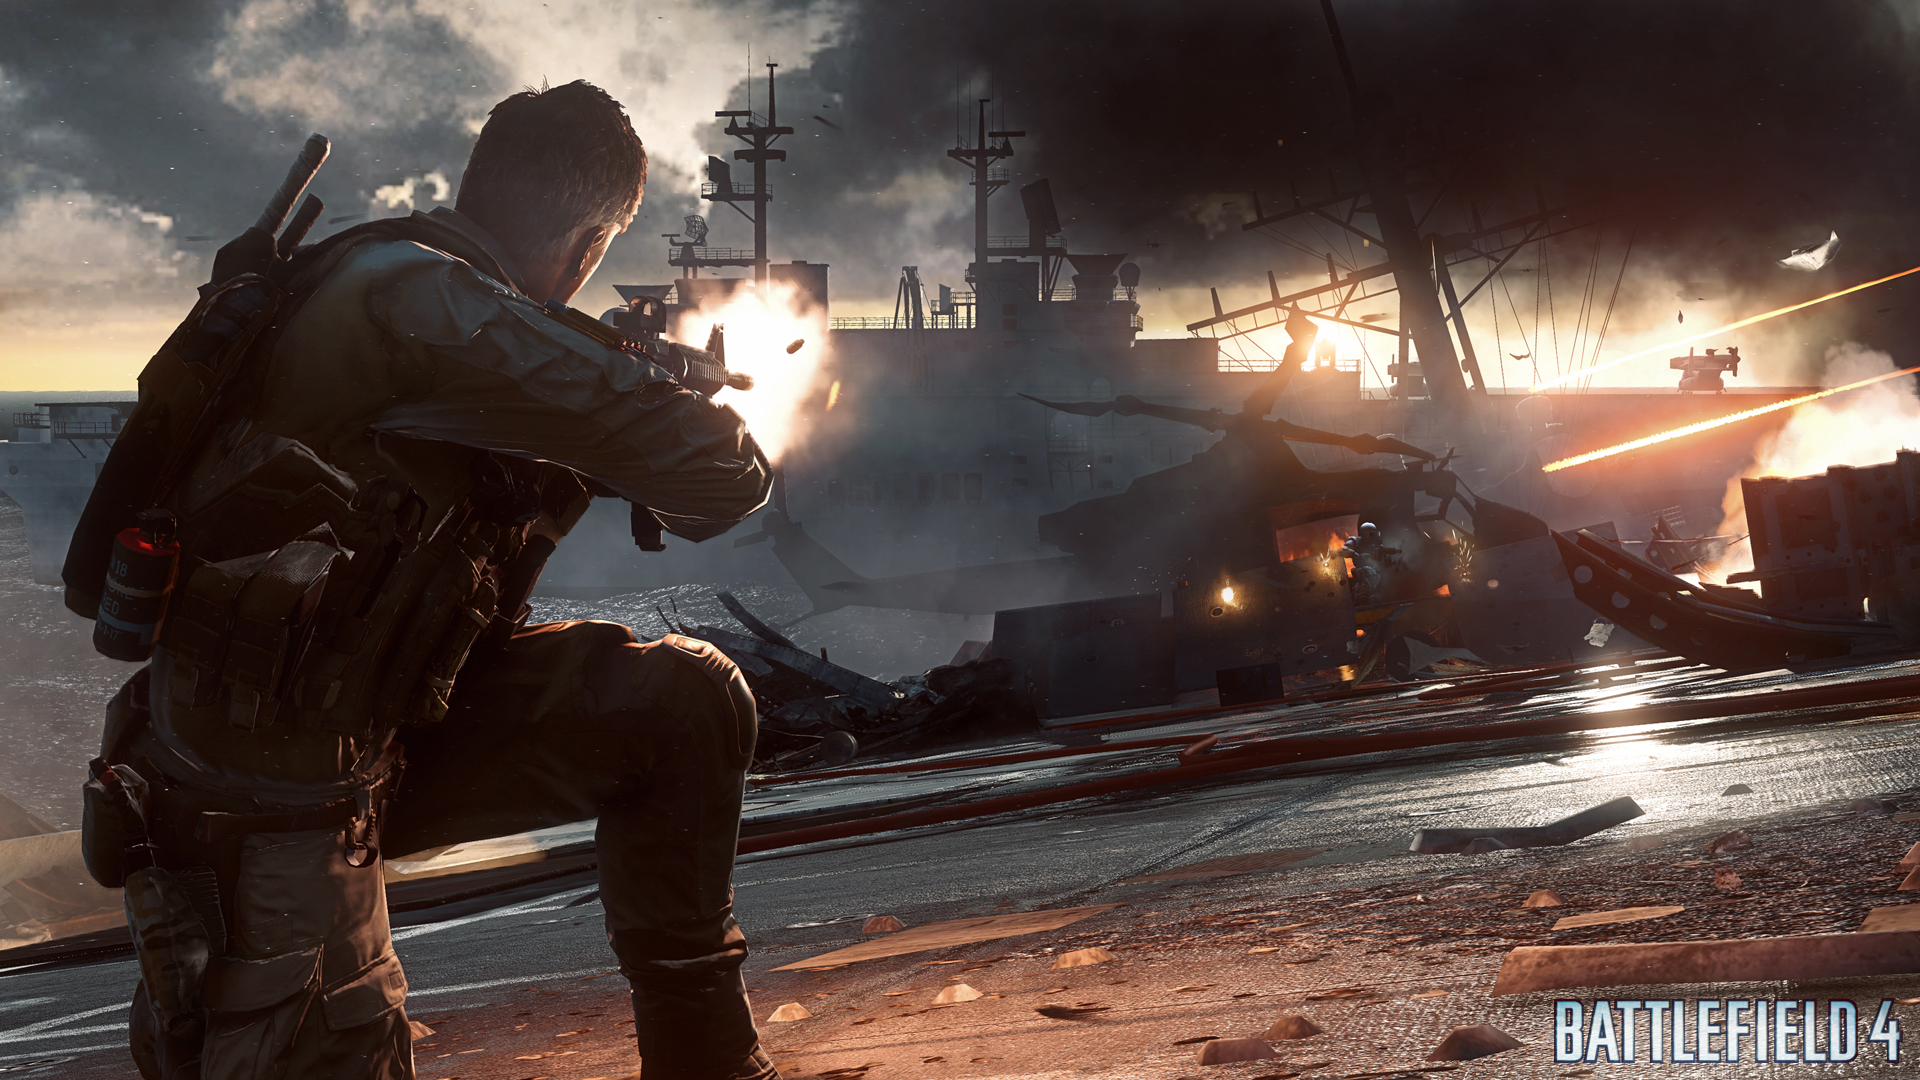 battlefield 4 e3 multiplayer screenshots